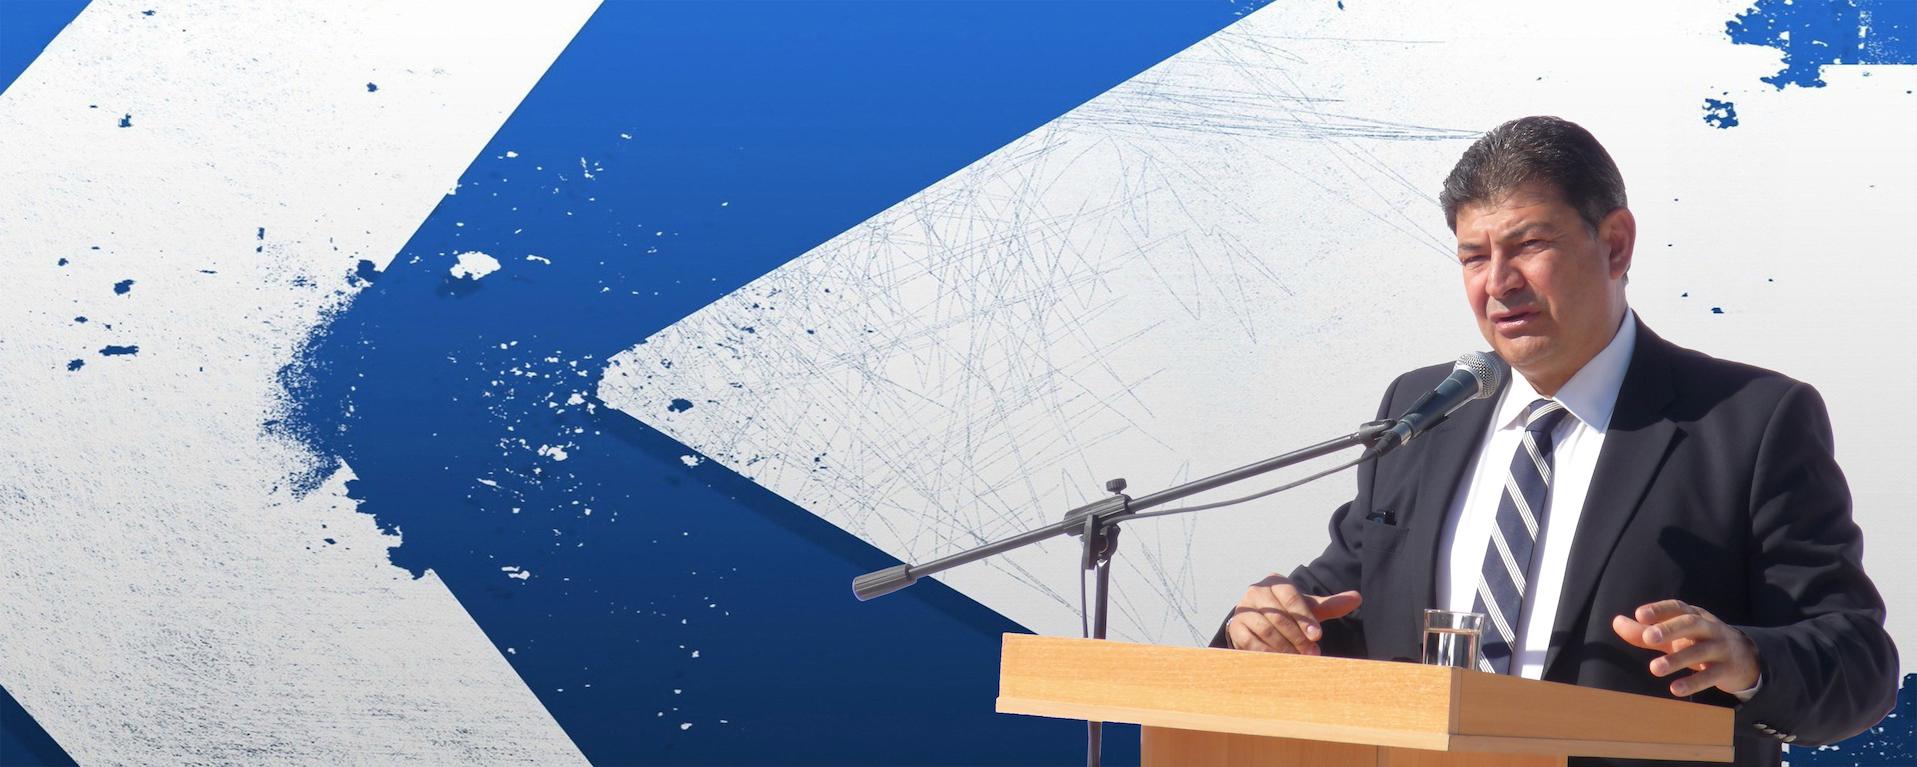 Σάββας Μιχαηλίδης Υποψήφιος Δήμαρχος Νέστου